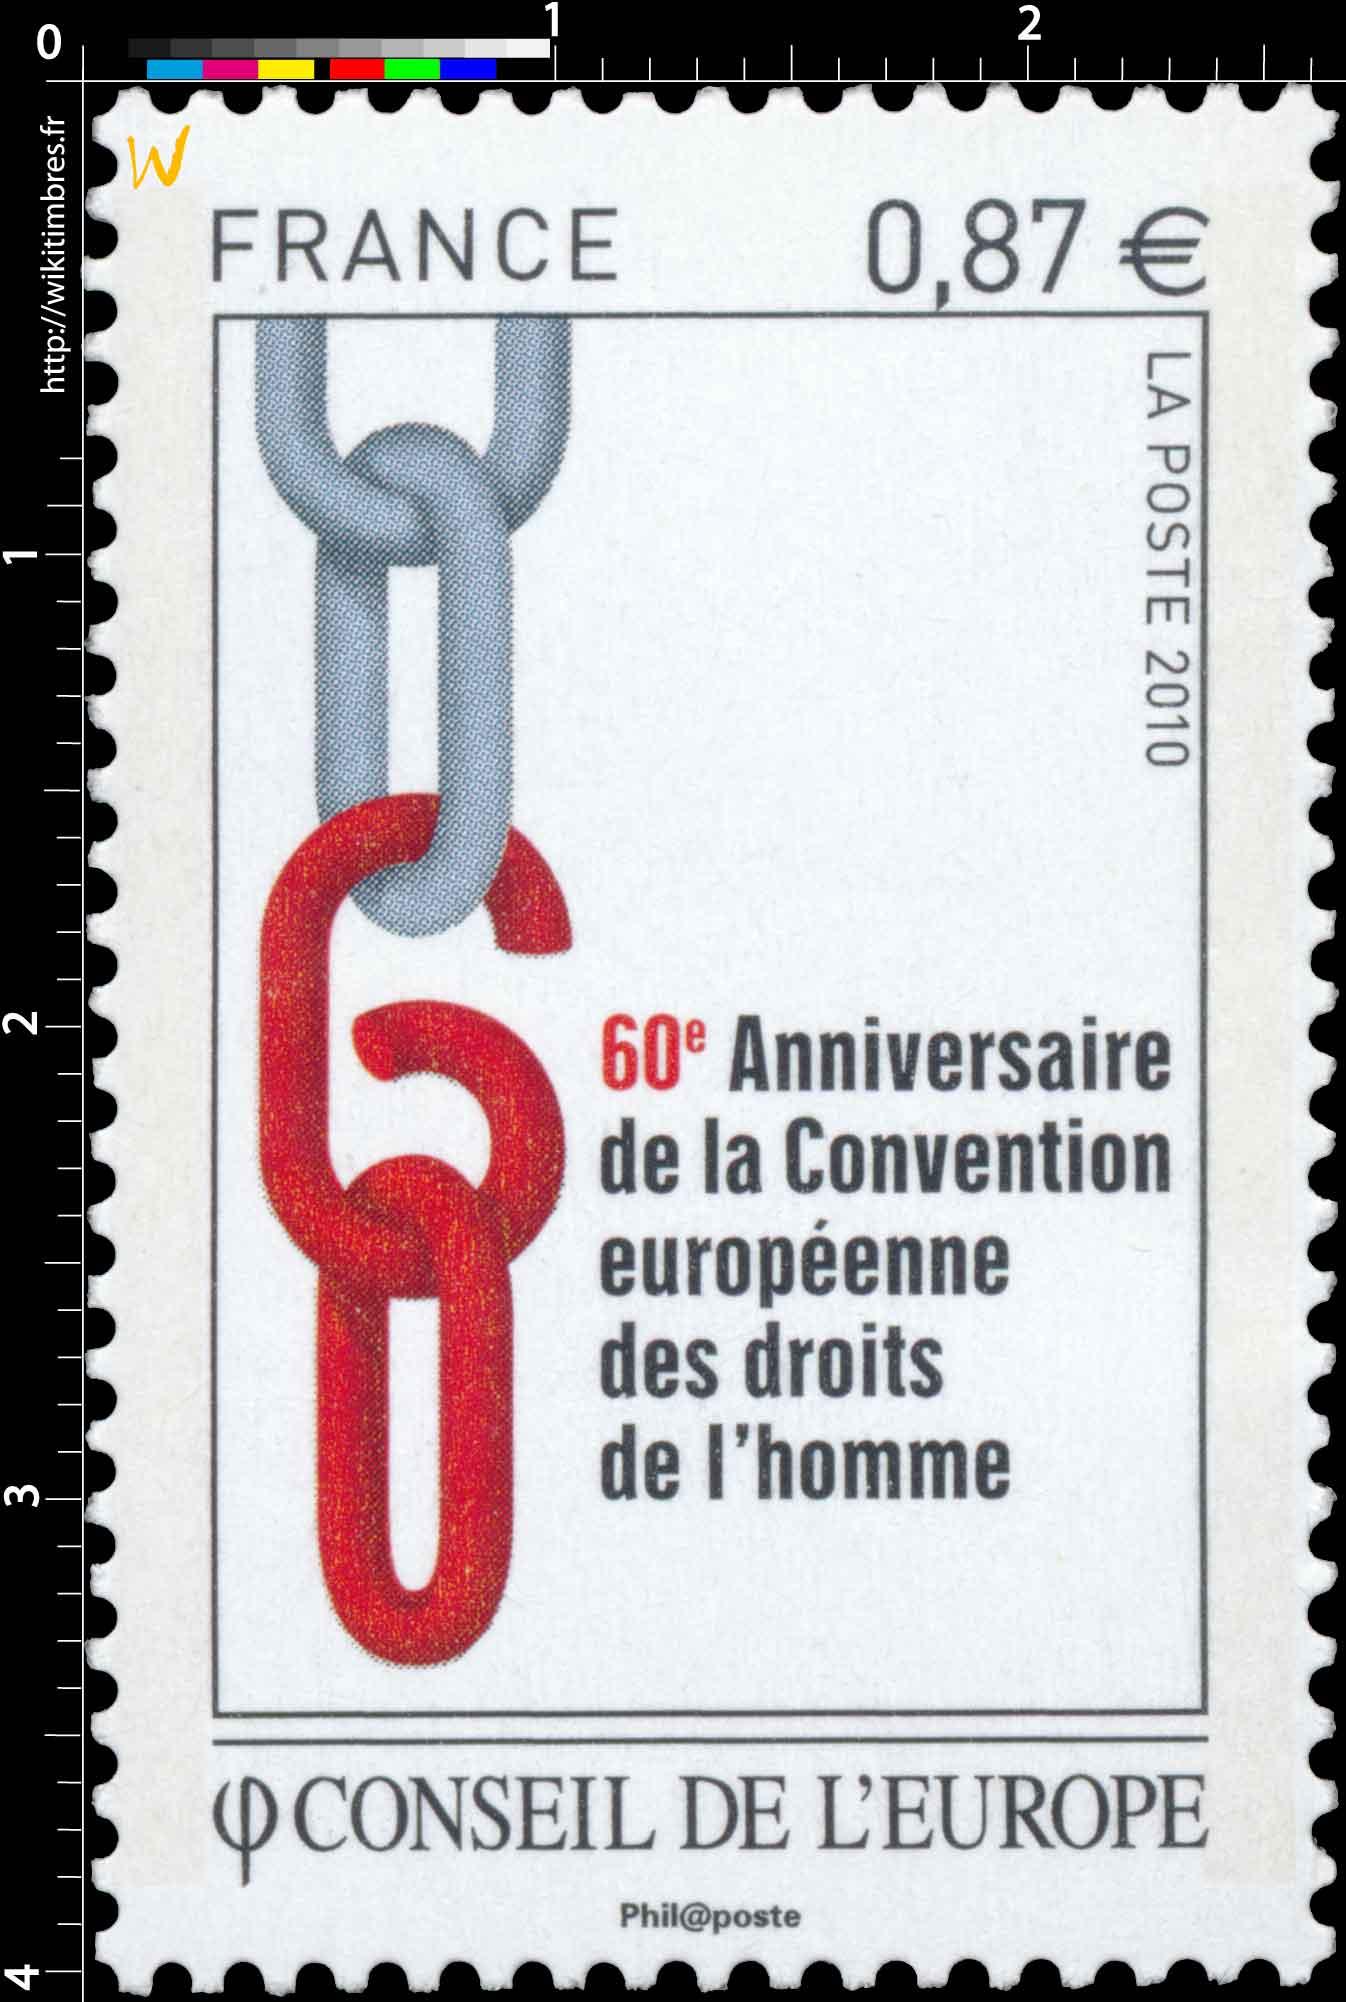 2010 Conseil de l'Europe - 60e Anniversaire de la Convention européenne des droits de l'homme